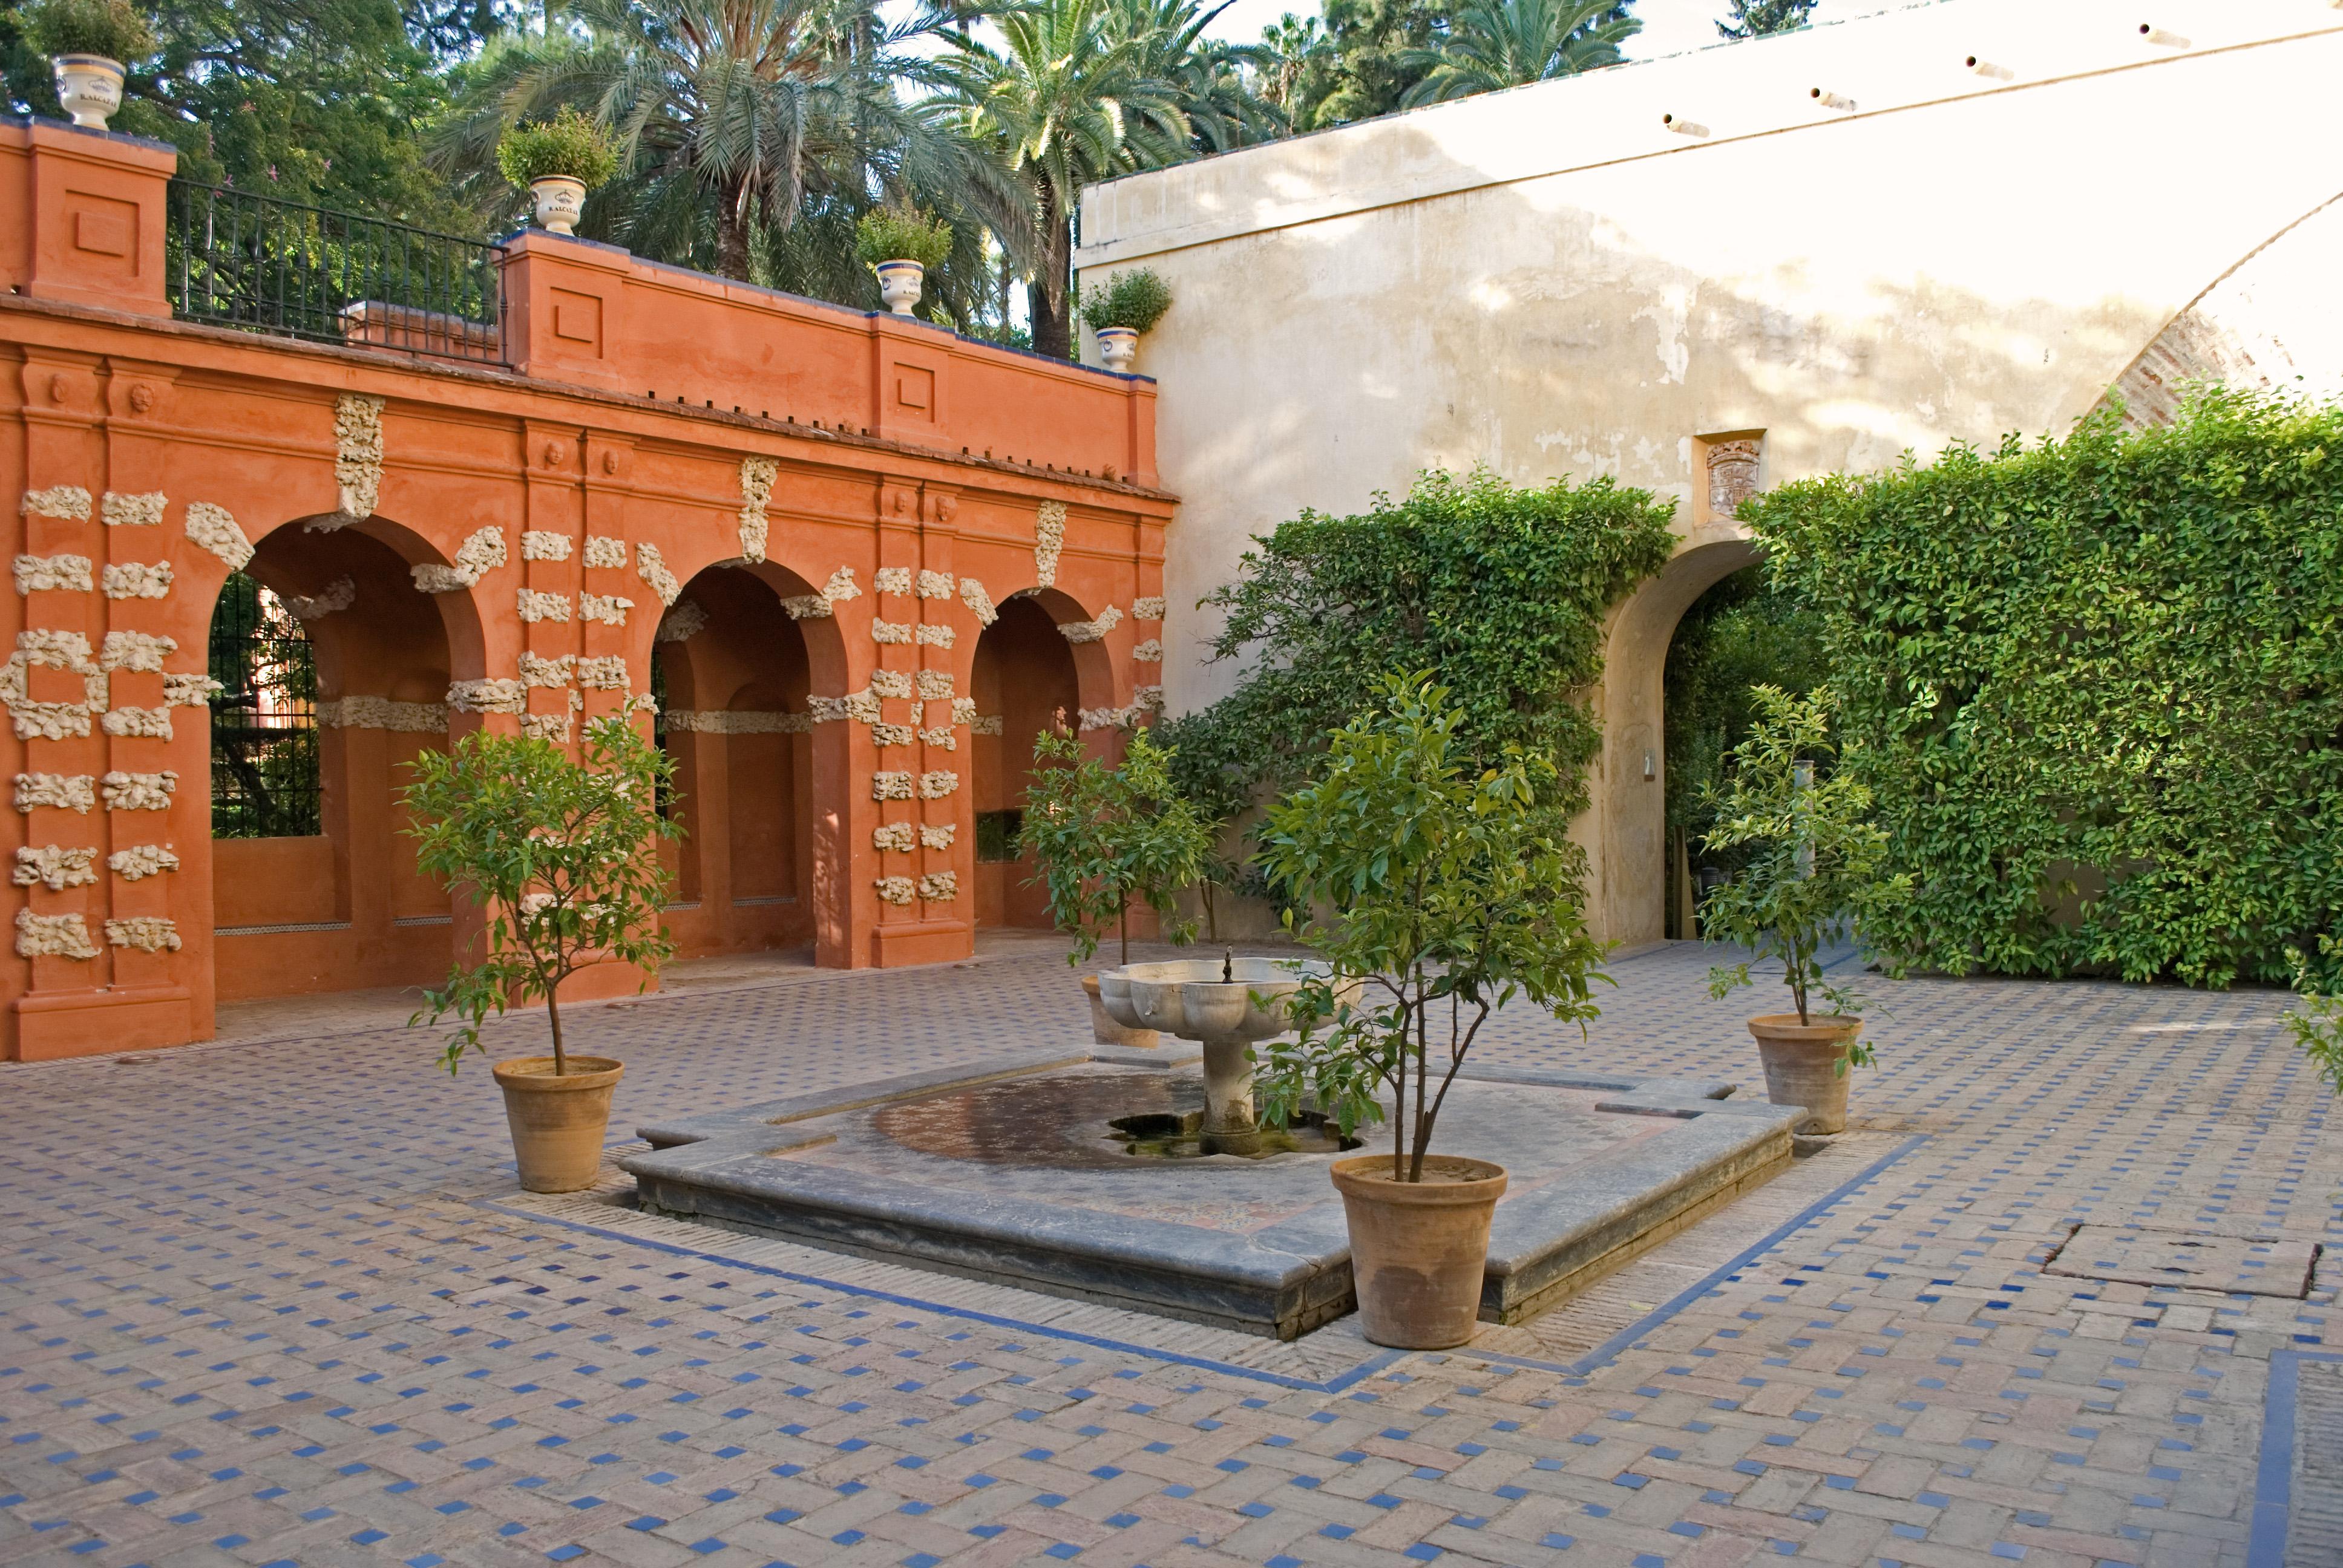 Dise o y decoracion de jardines de casas - Jardines con fuentes ...